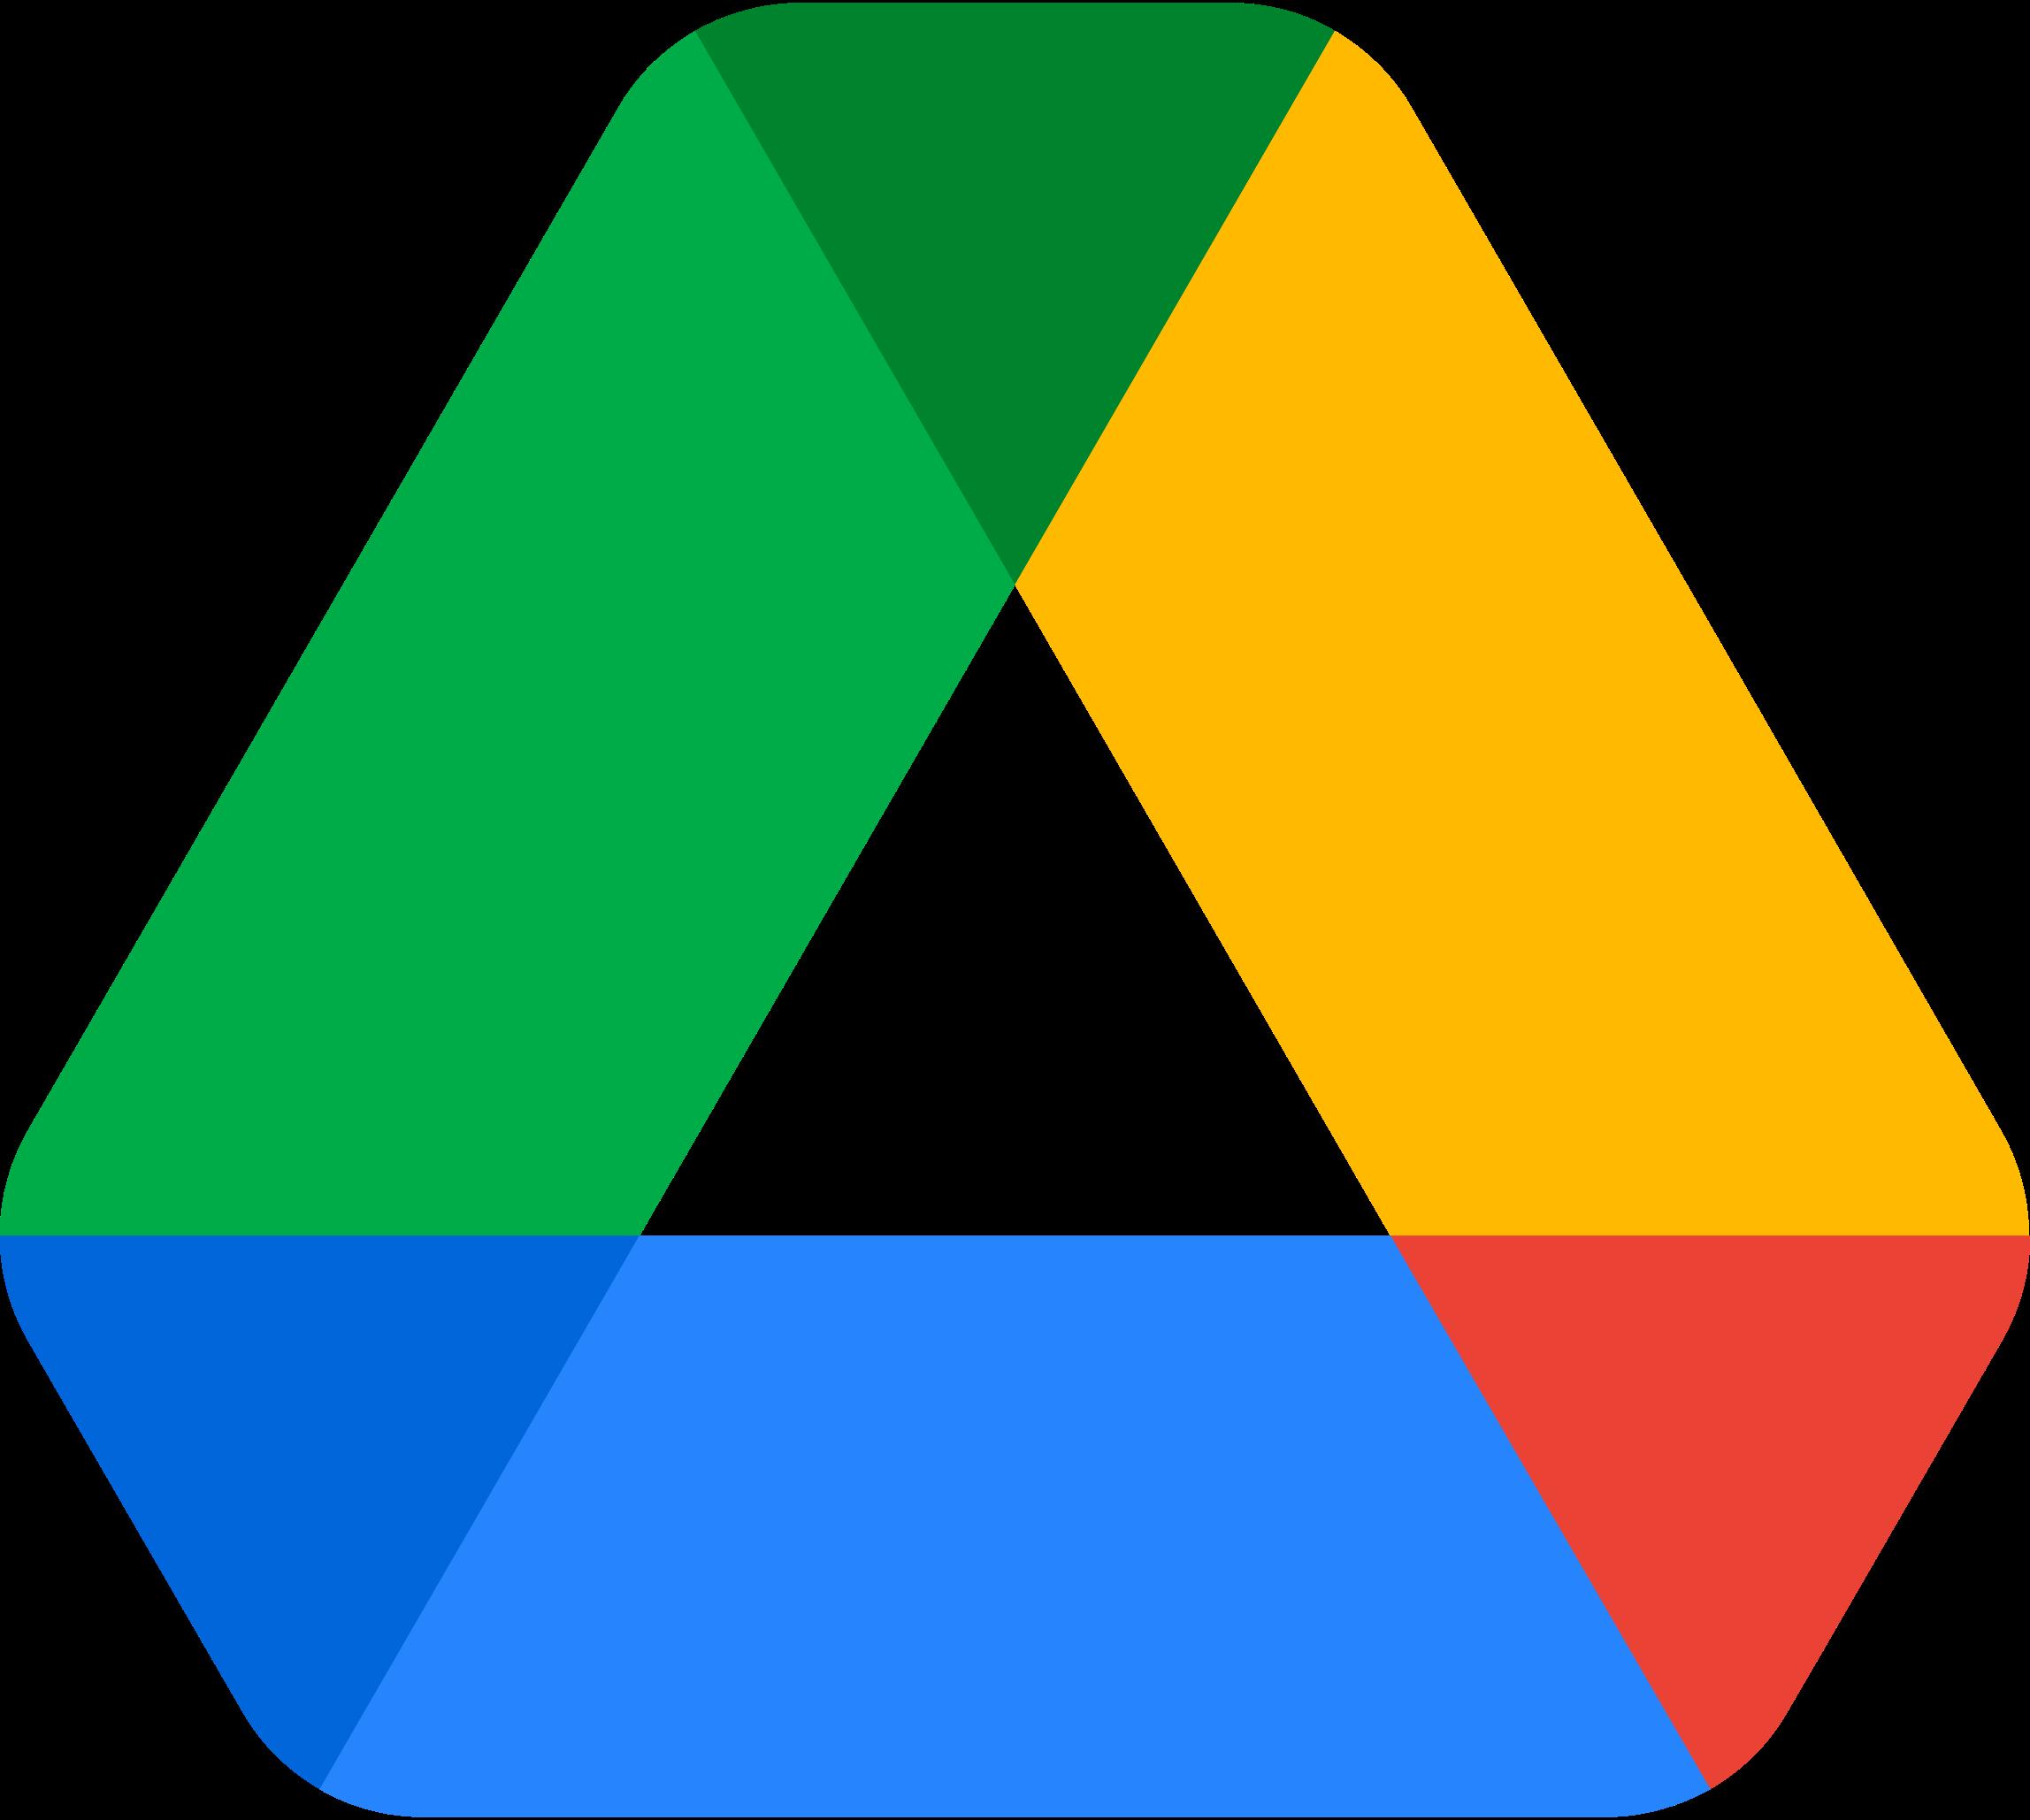 icône google drive